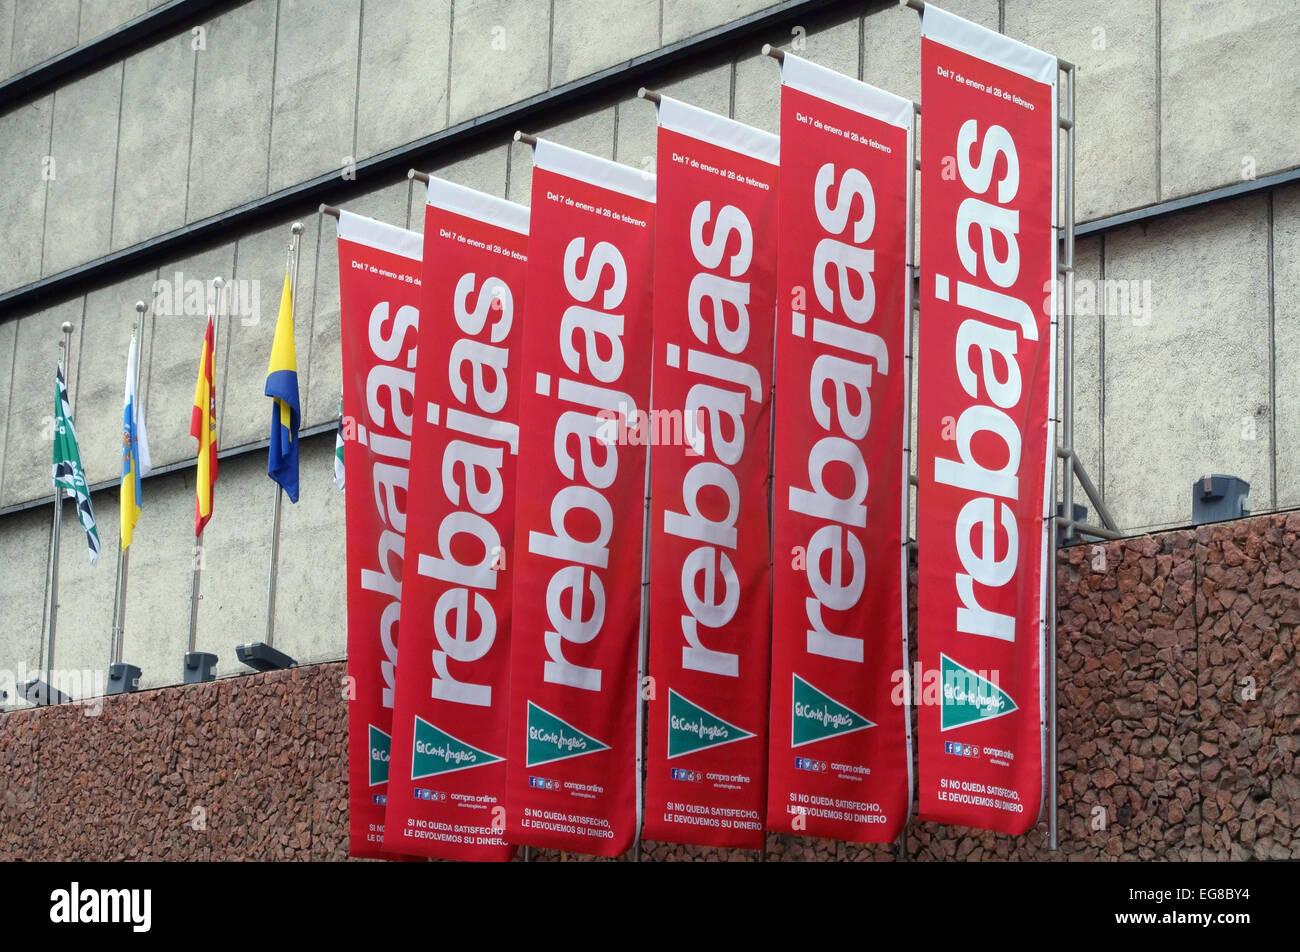 Sales banners outside el corte ingles department store - Showroom las palmas ...